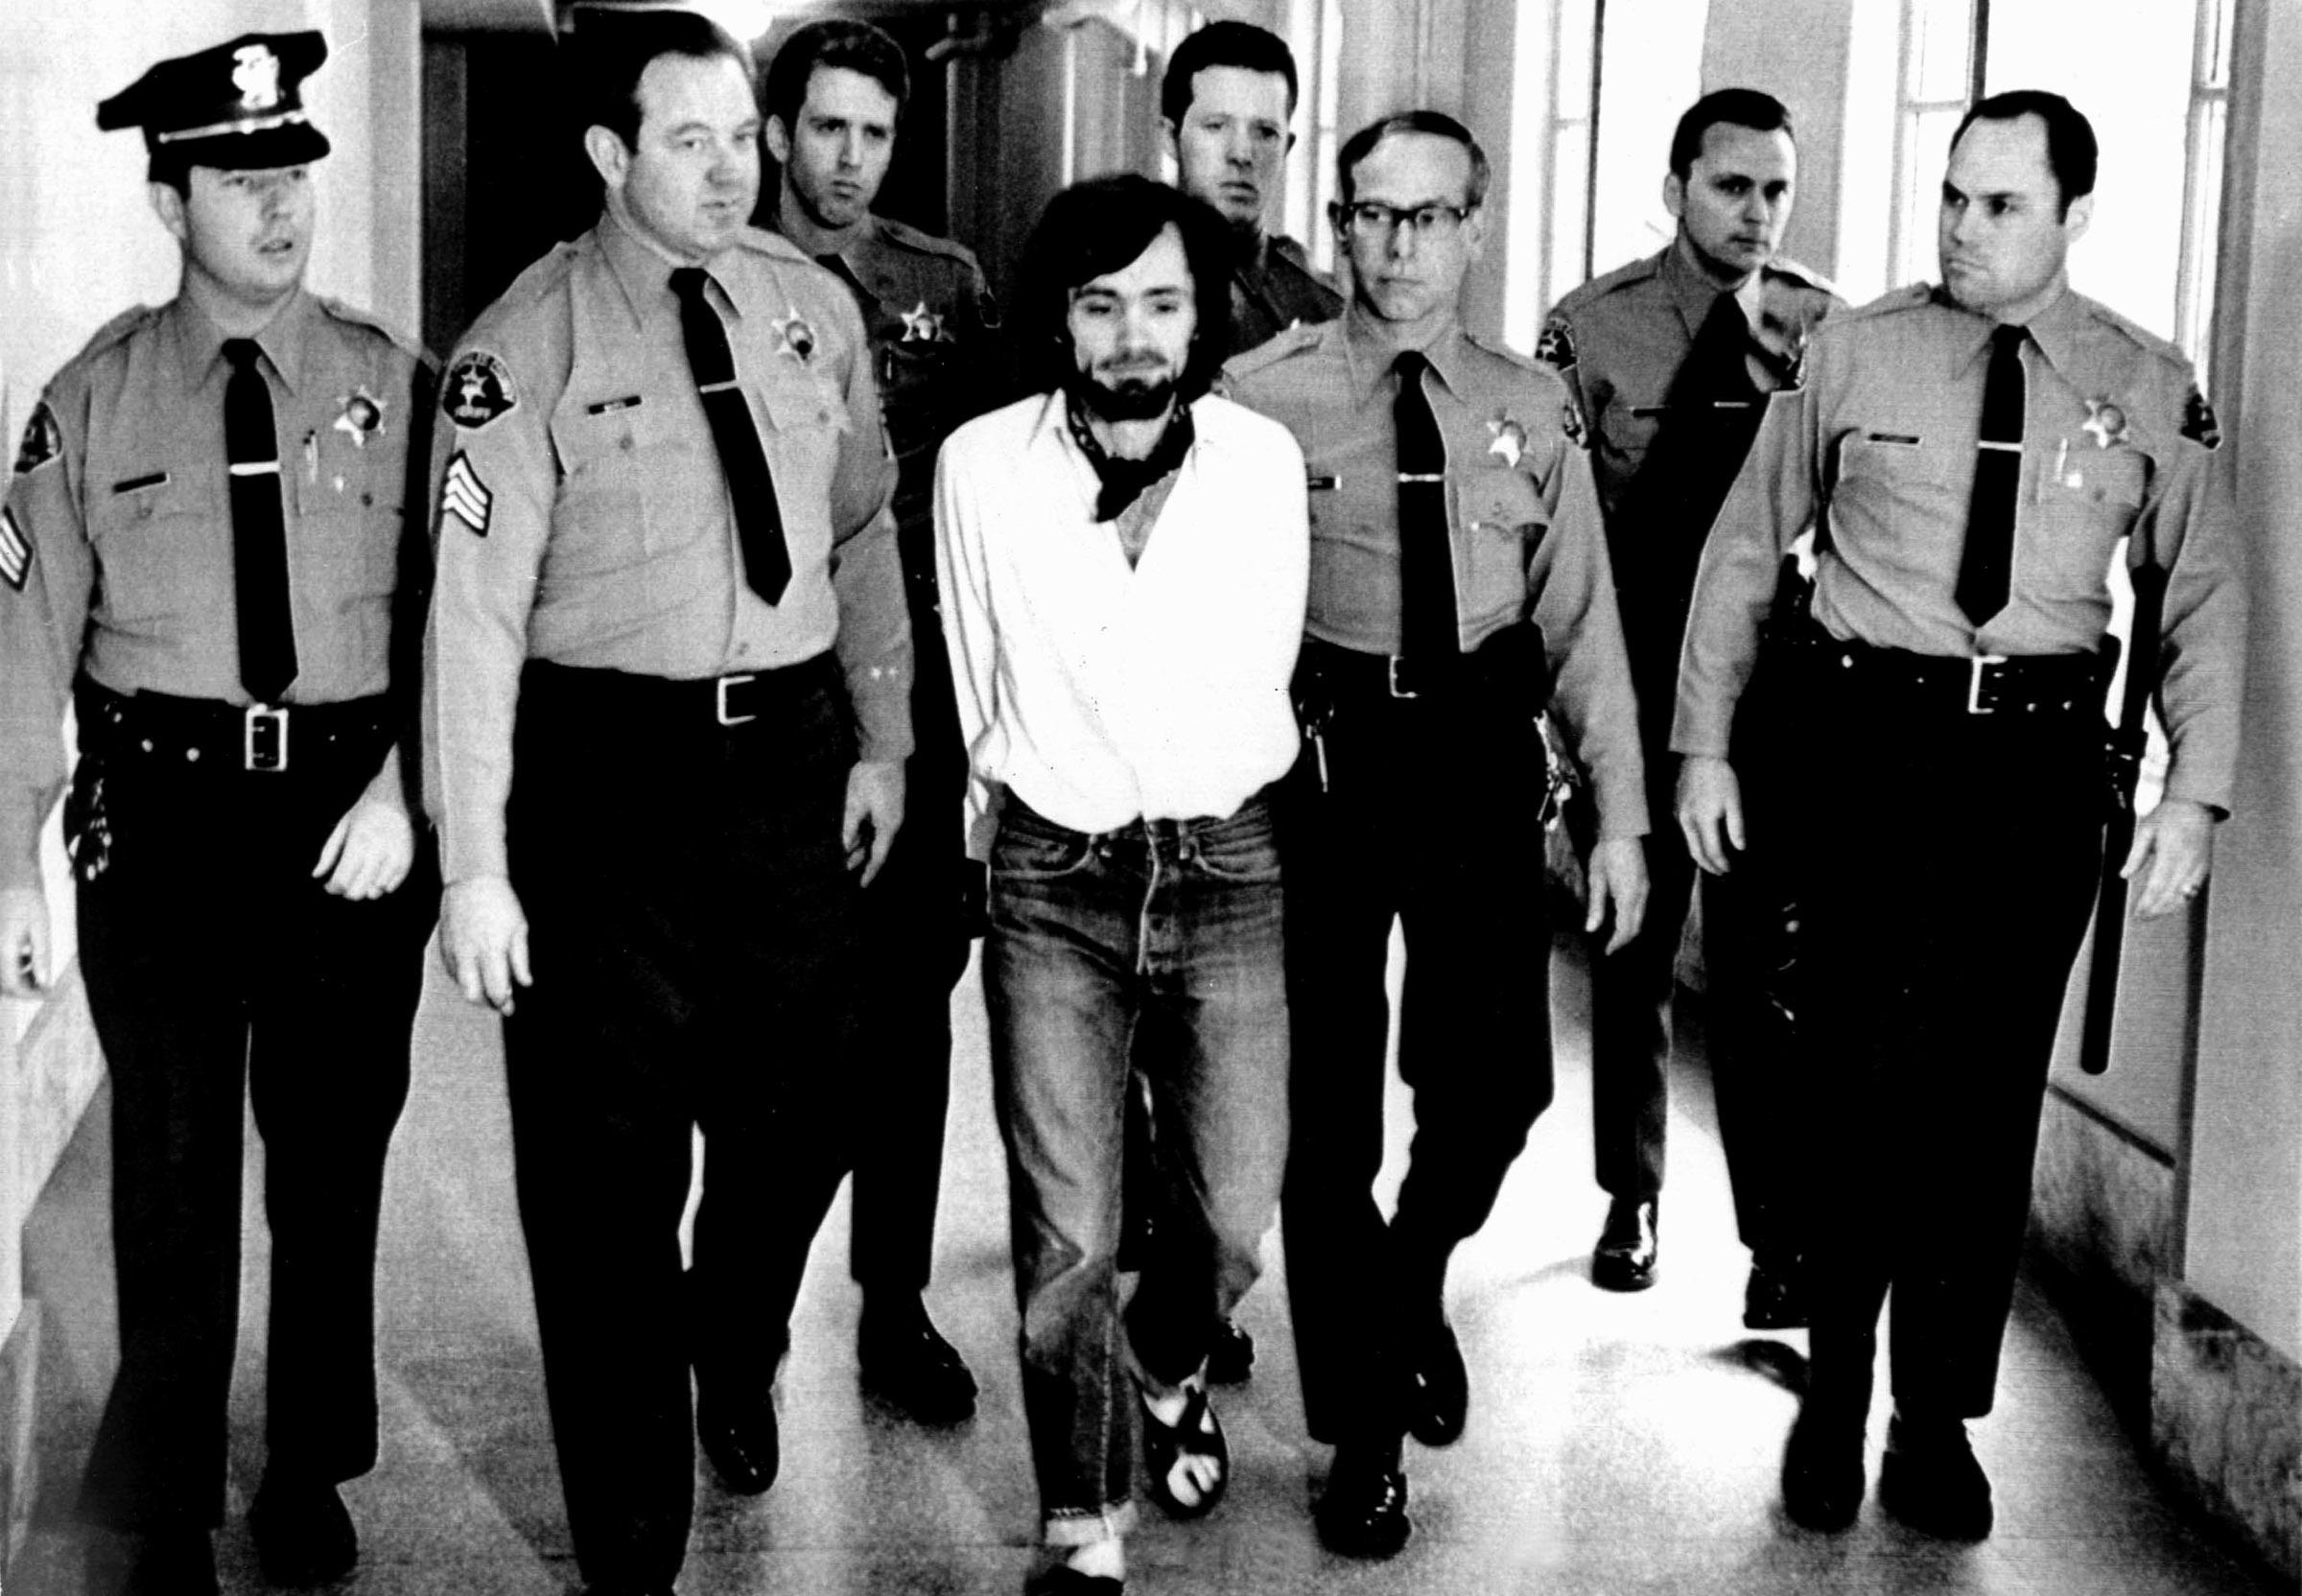 Charles Manson, 1971, being led away in handcuffs after being found guilty of murder Keine Weitergabe an Drittverwerter.